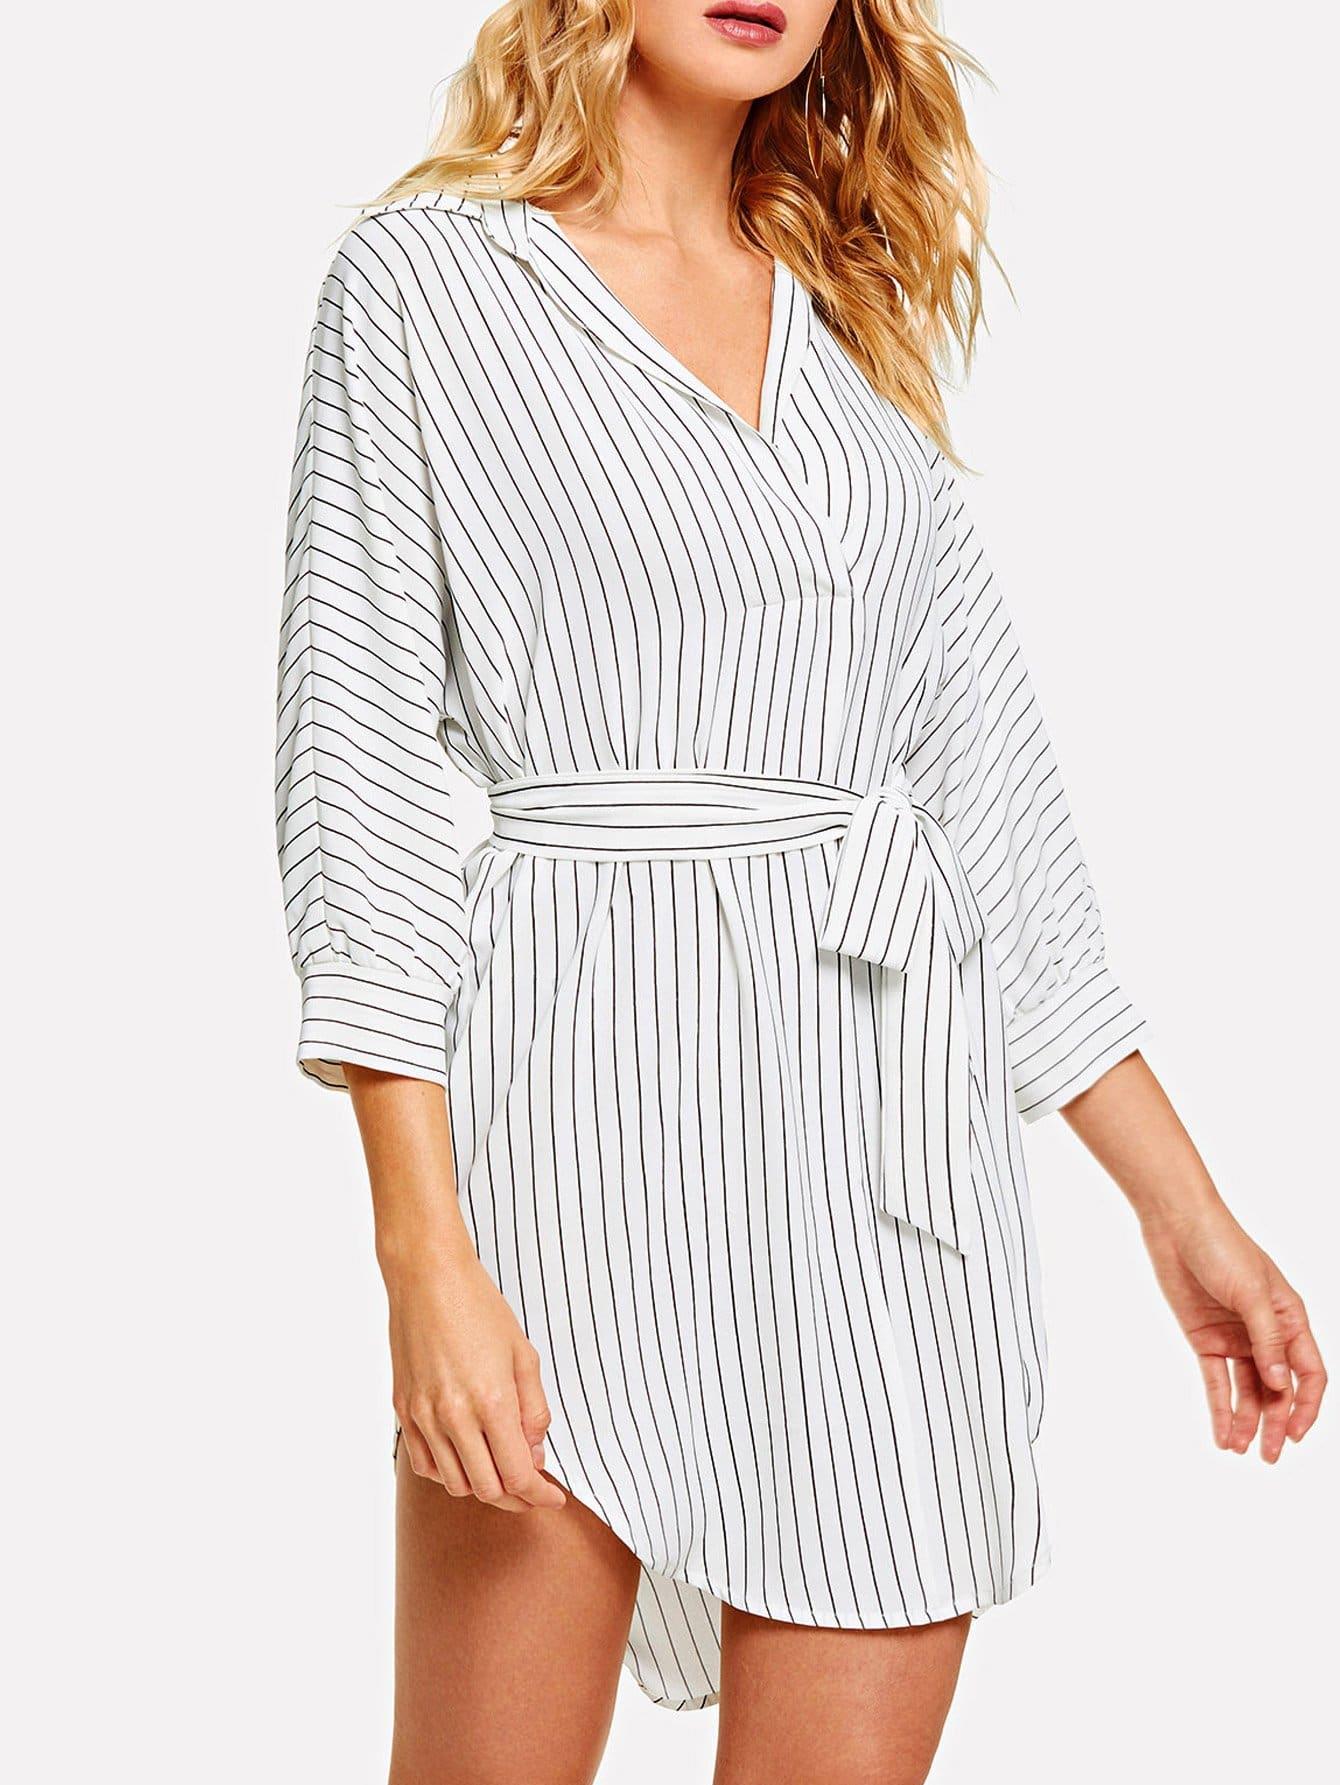 Купить Полосатое платье с поясом, Masha, SheIn